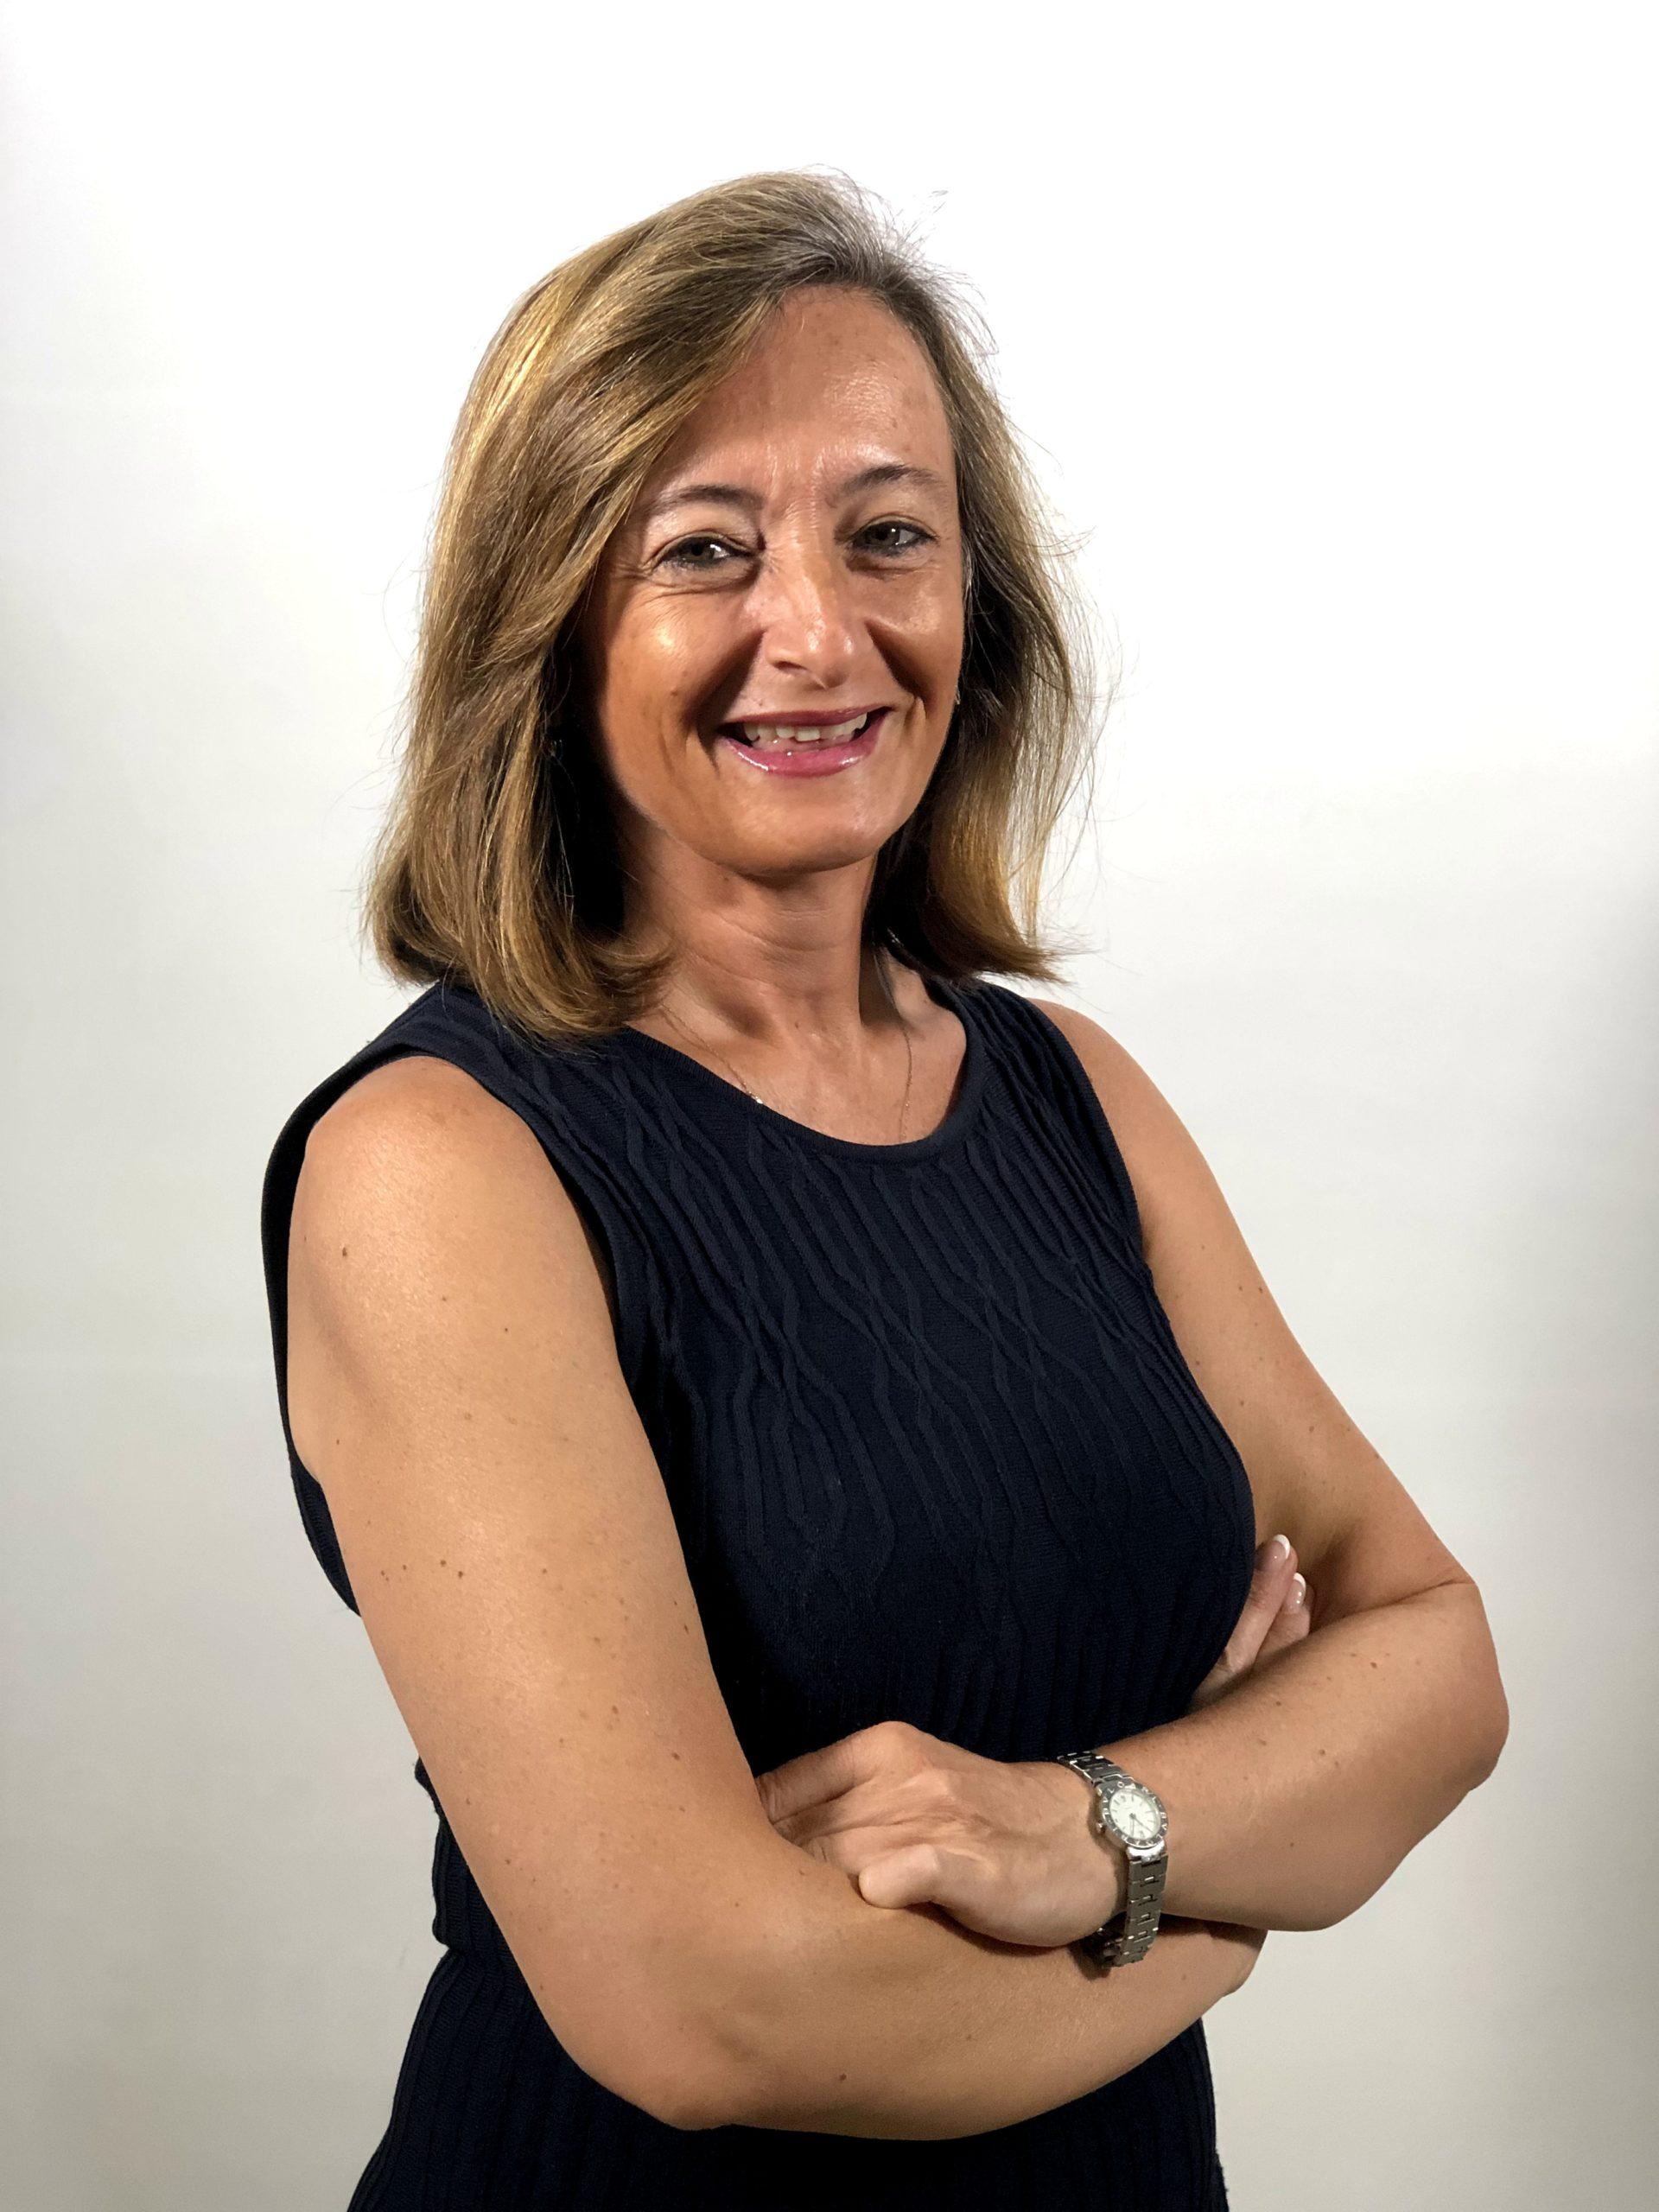 MARÍA ELENA CAMPOS GONZÁLEZ